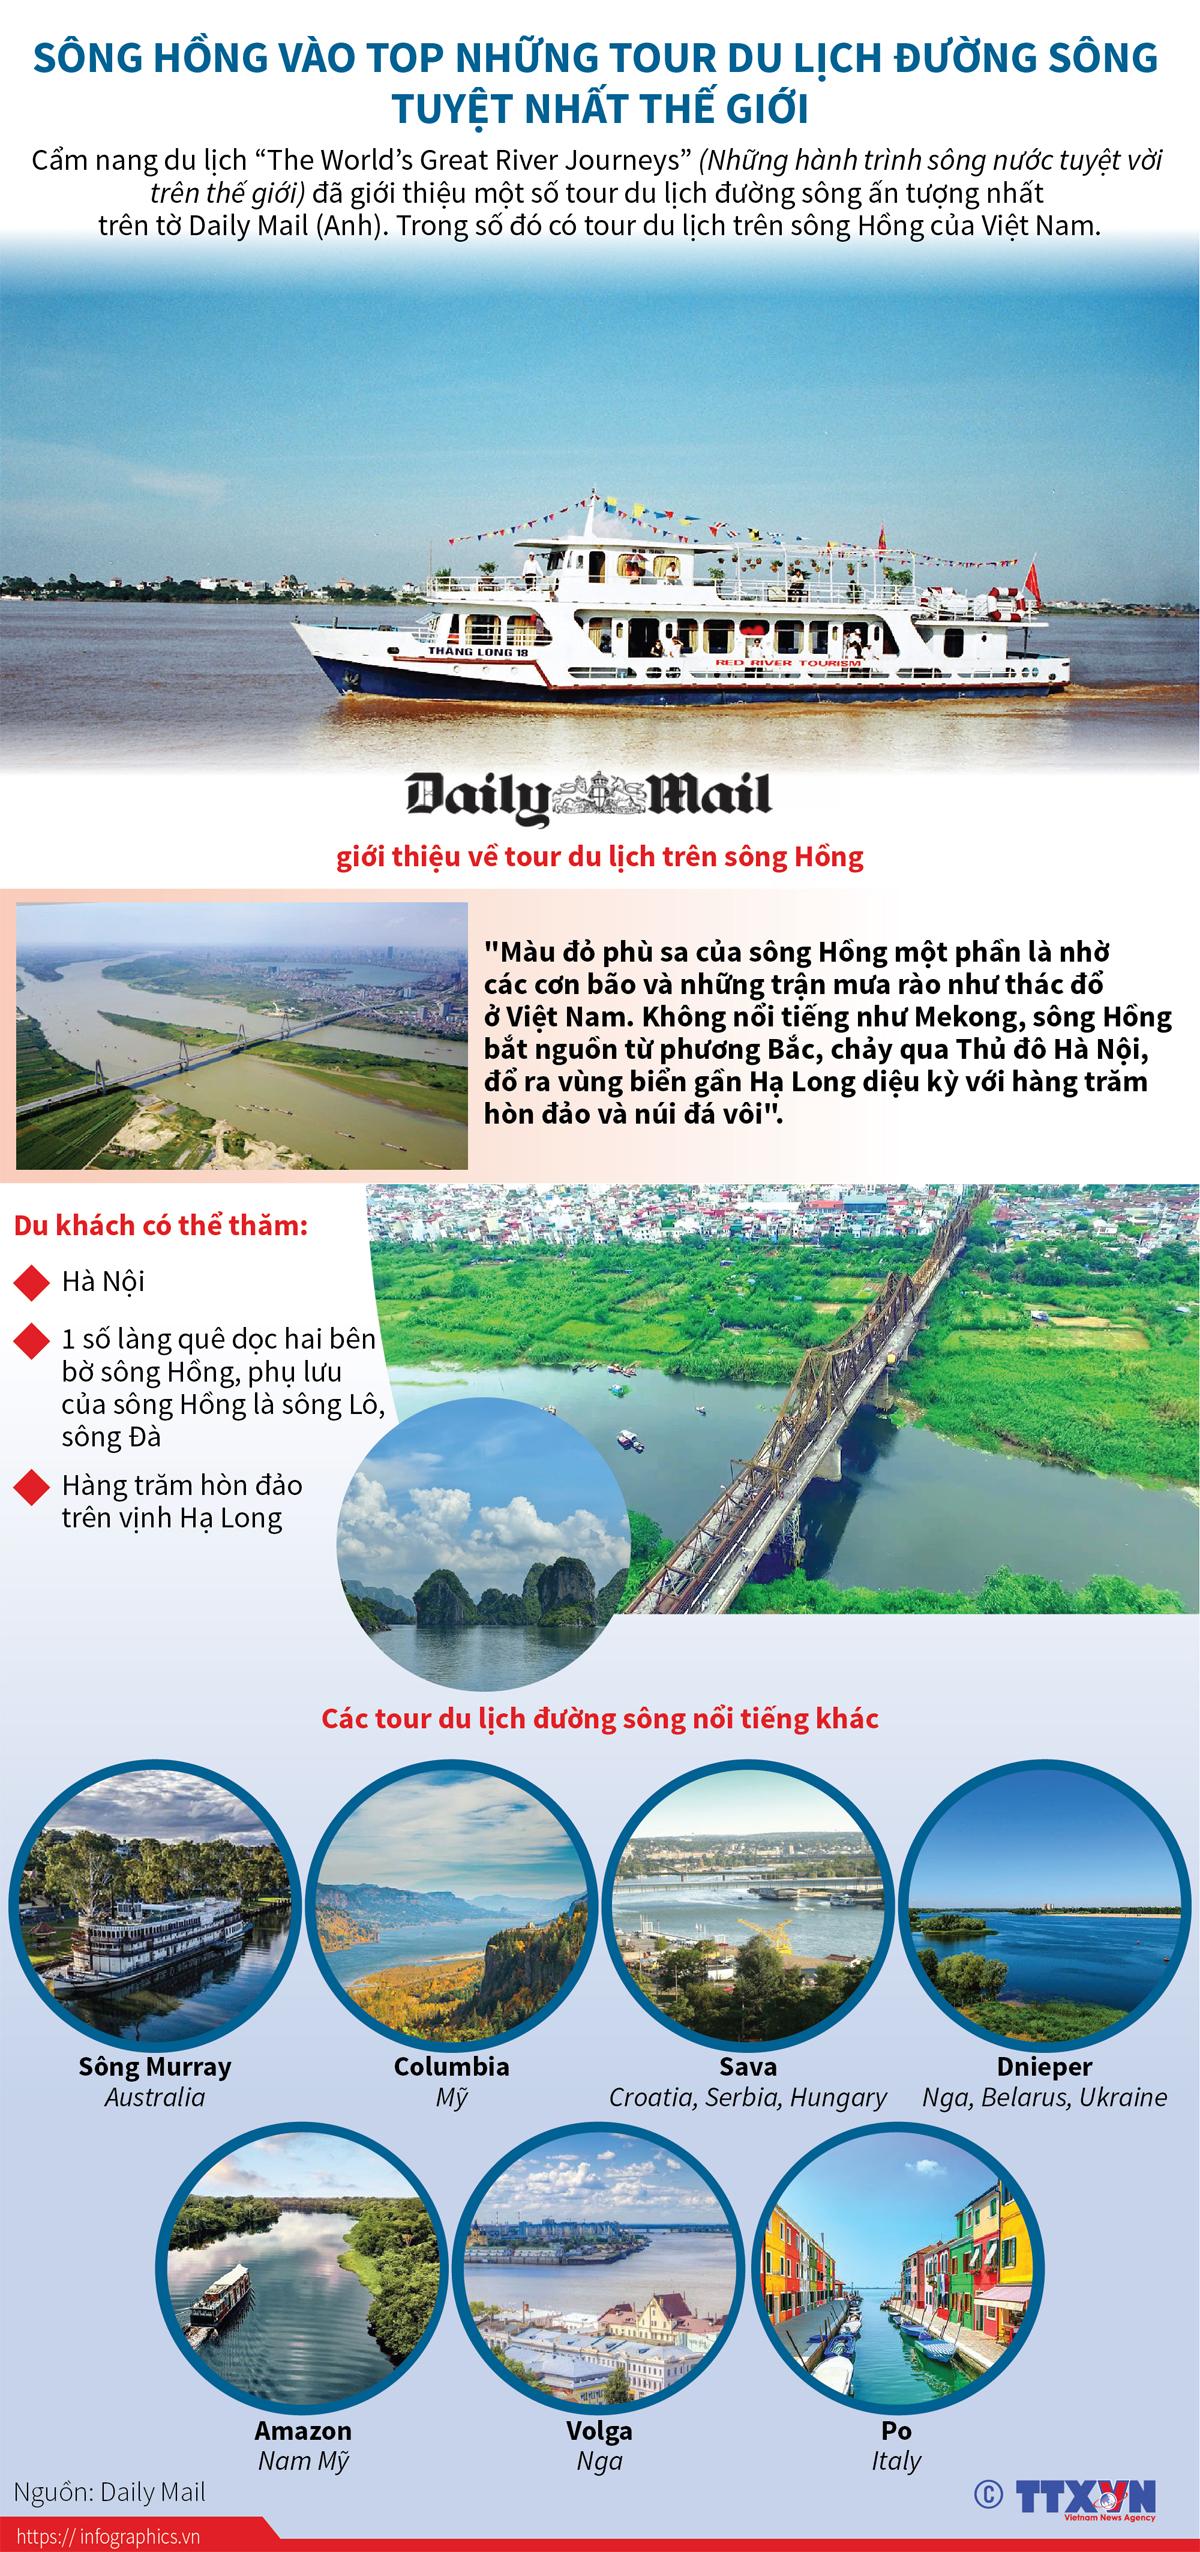 kinh tế, hội nhập, sông hồng, top tour du lịch đường sông, thế giới